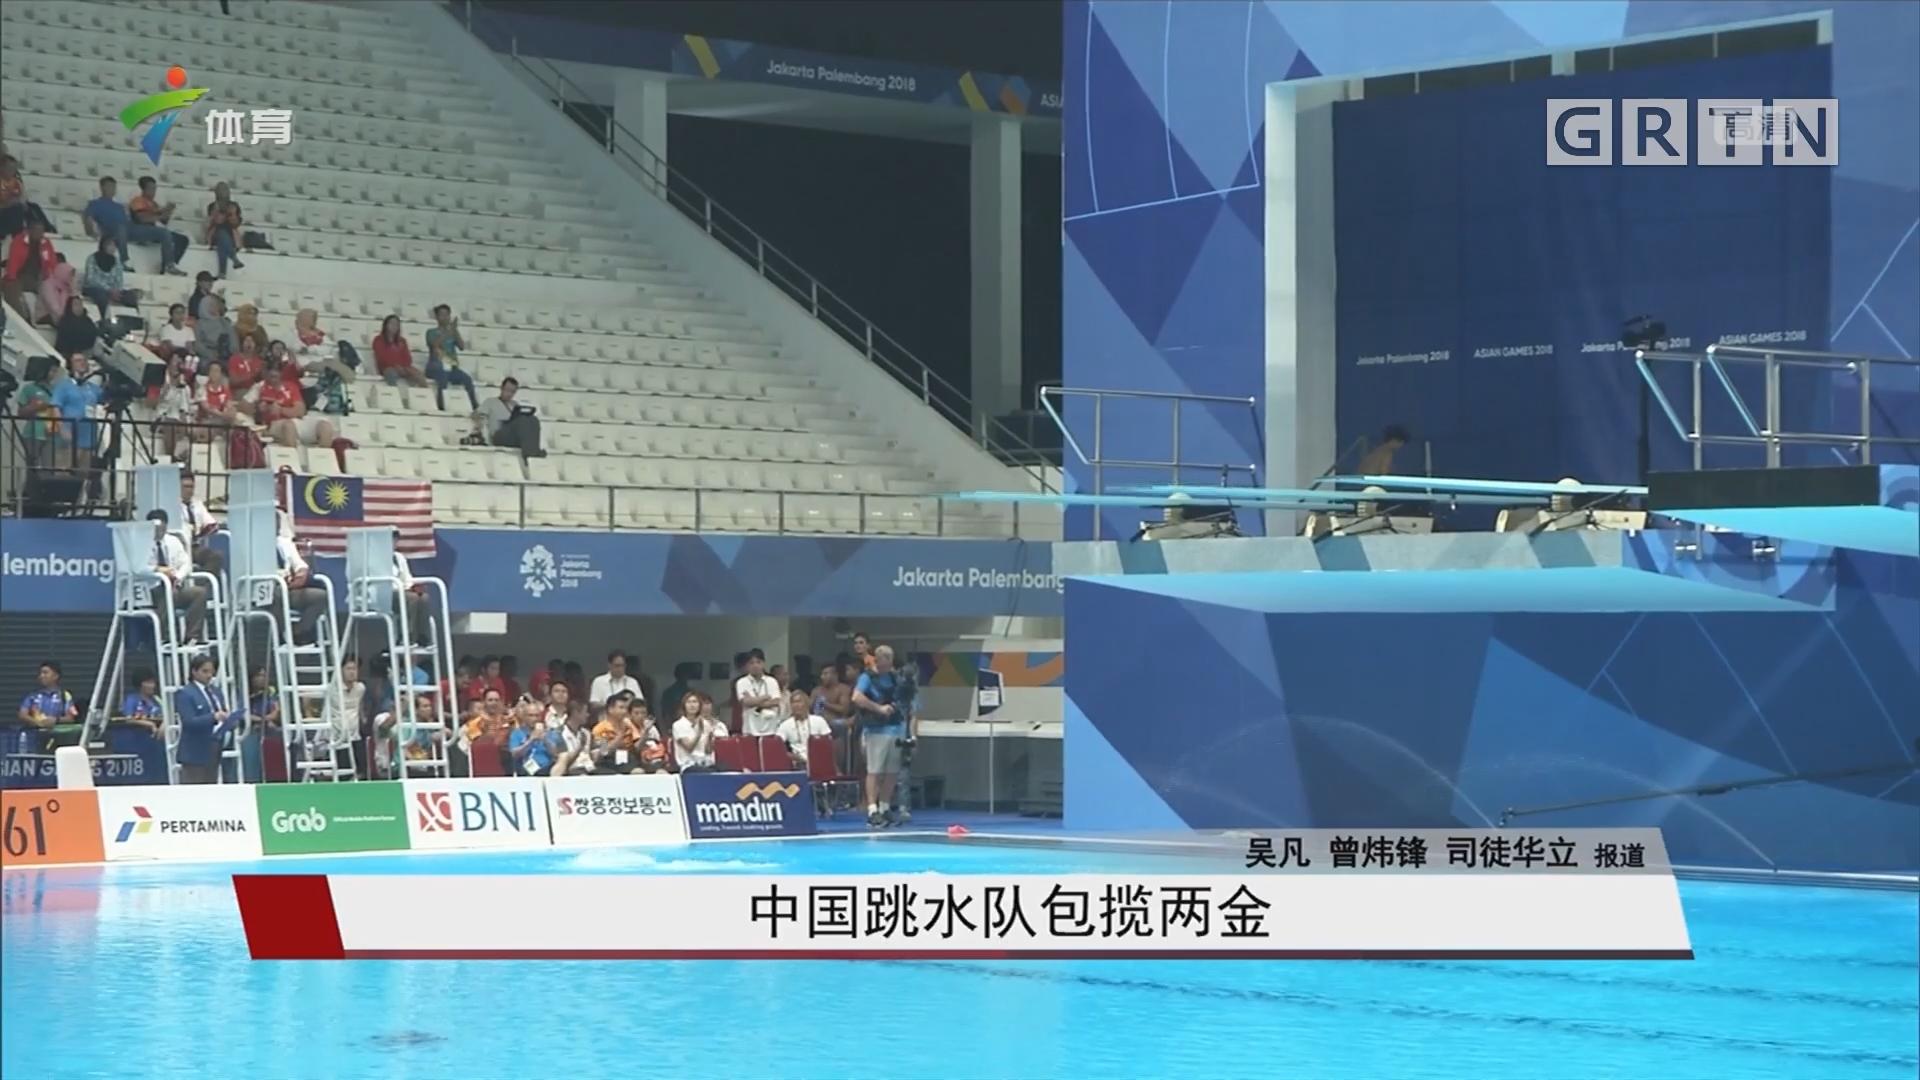 中国跳水队包揽两金